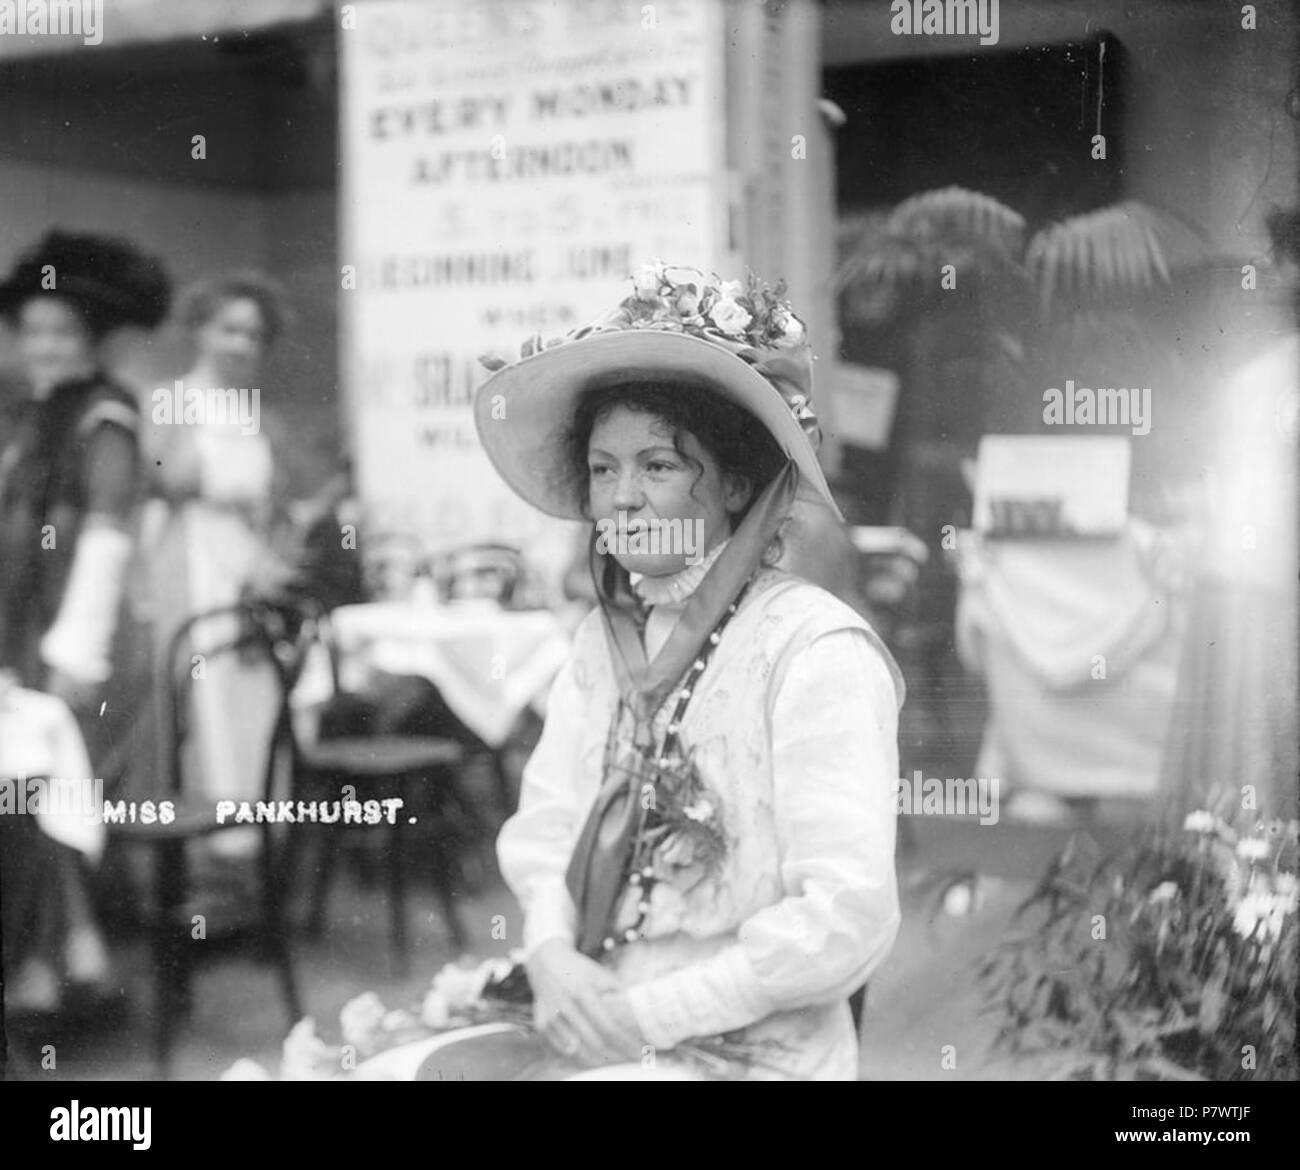 91 Sylvain Pankhurst, co-fondateur de l'Union sociale et politique, à l'intérieur de l'exposition des femmes, mai 1909 Banque D'Images